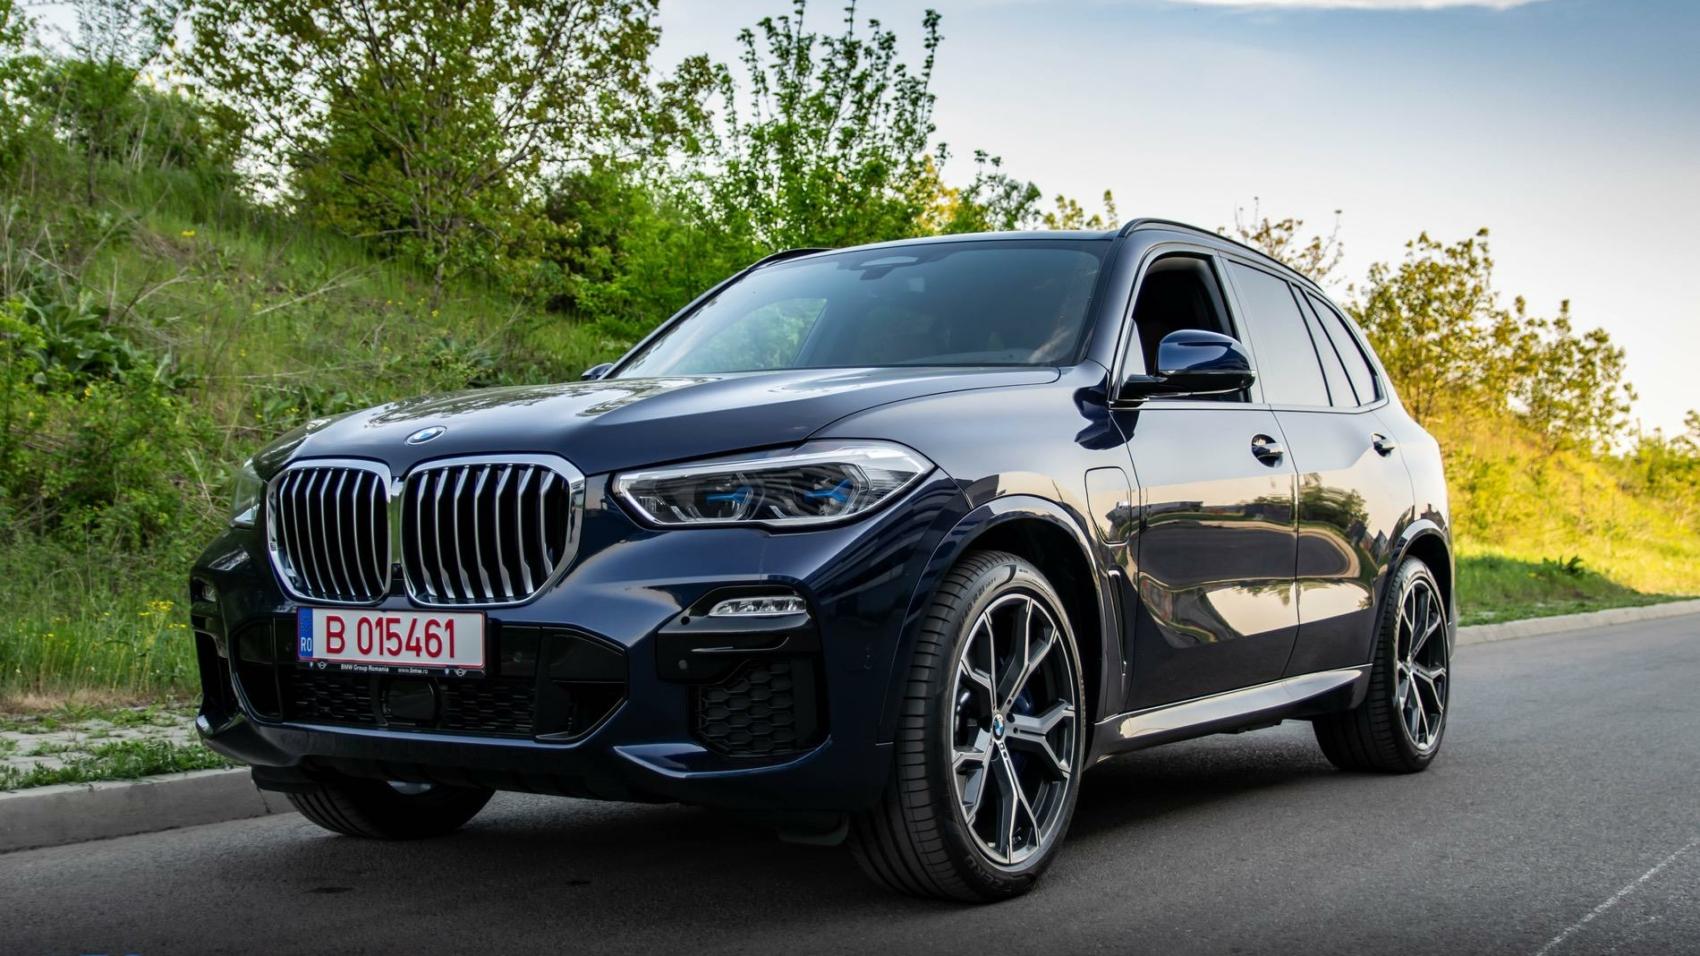 BMW's X5 xDrive45e